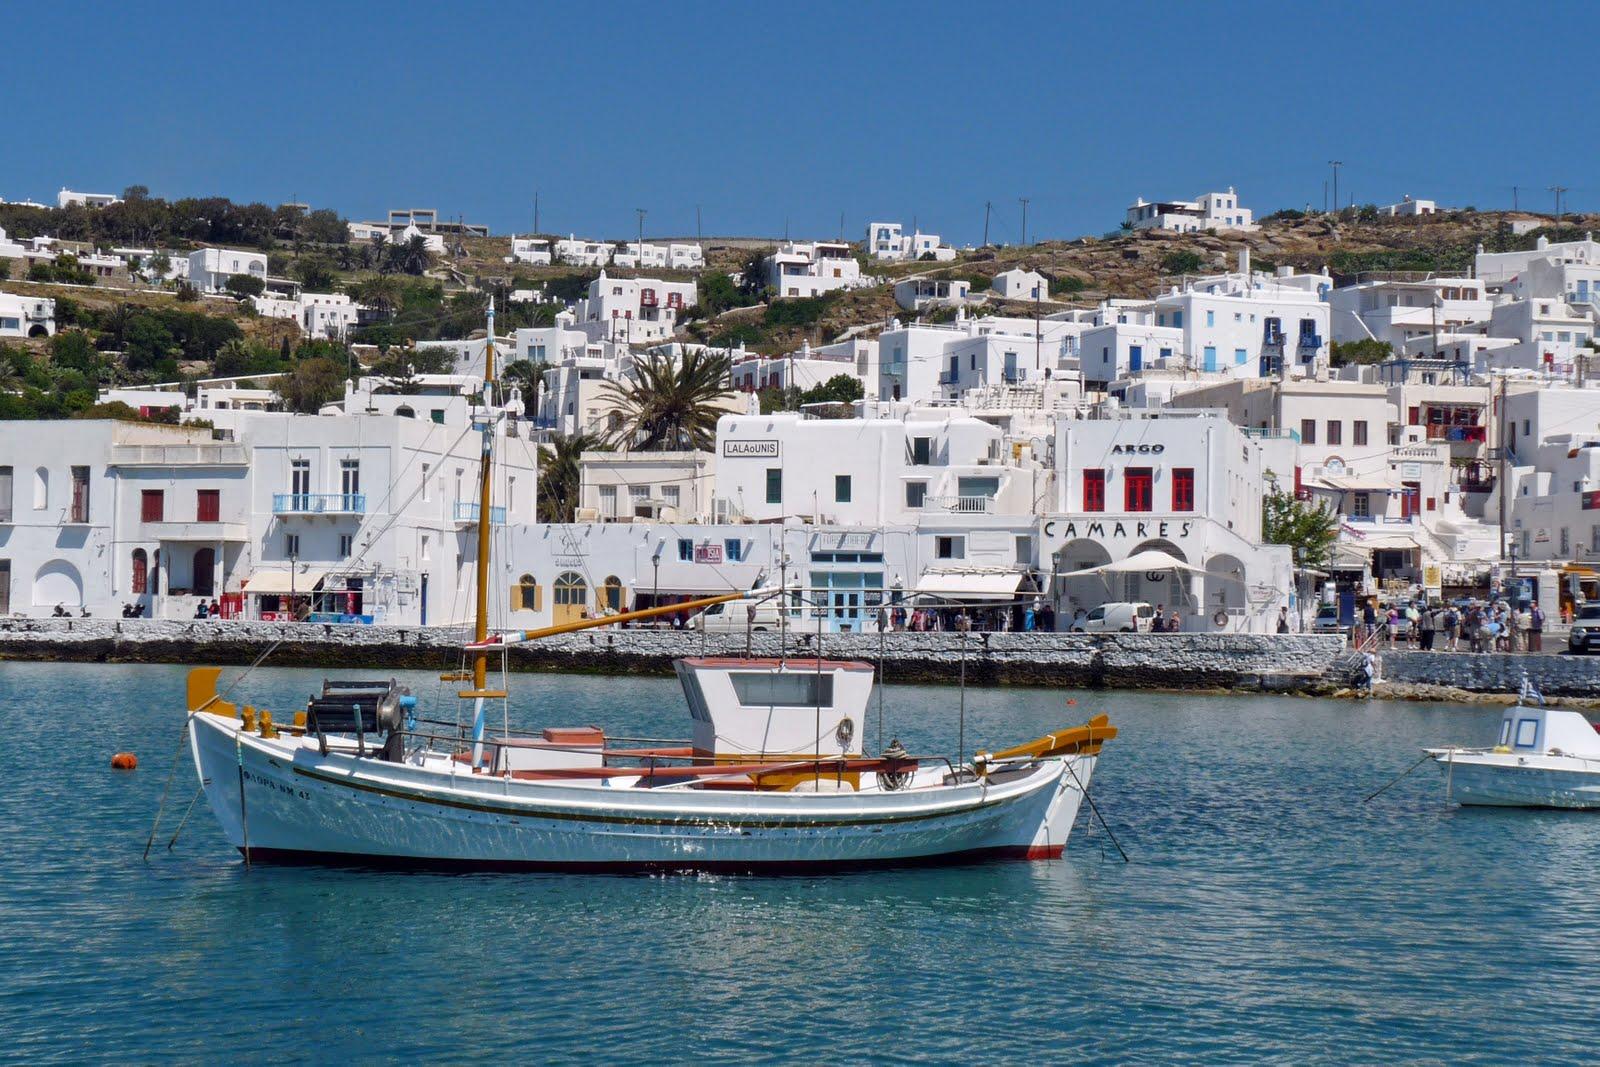 ScheckTrek: DAY 10 - Delos & Mykonos, Greece (Oceania Cruise)